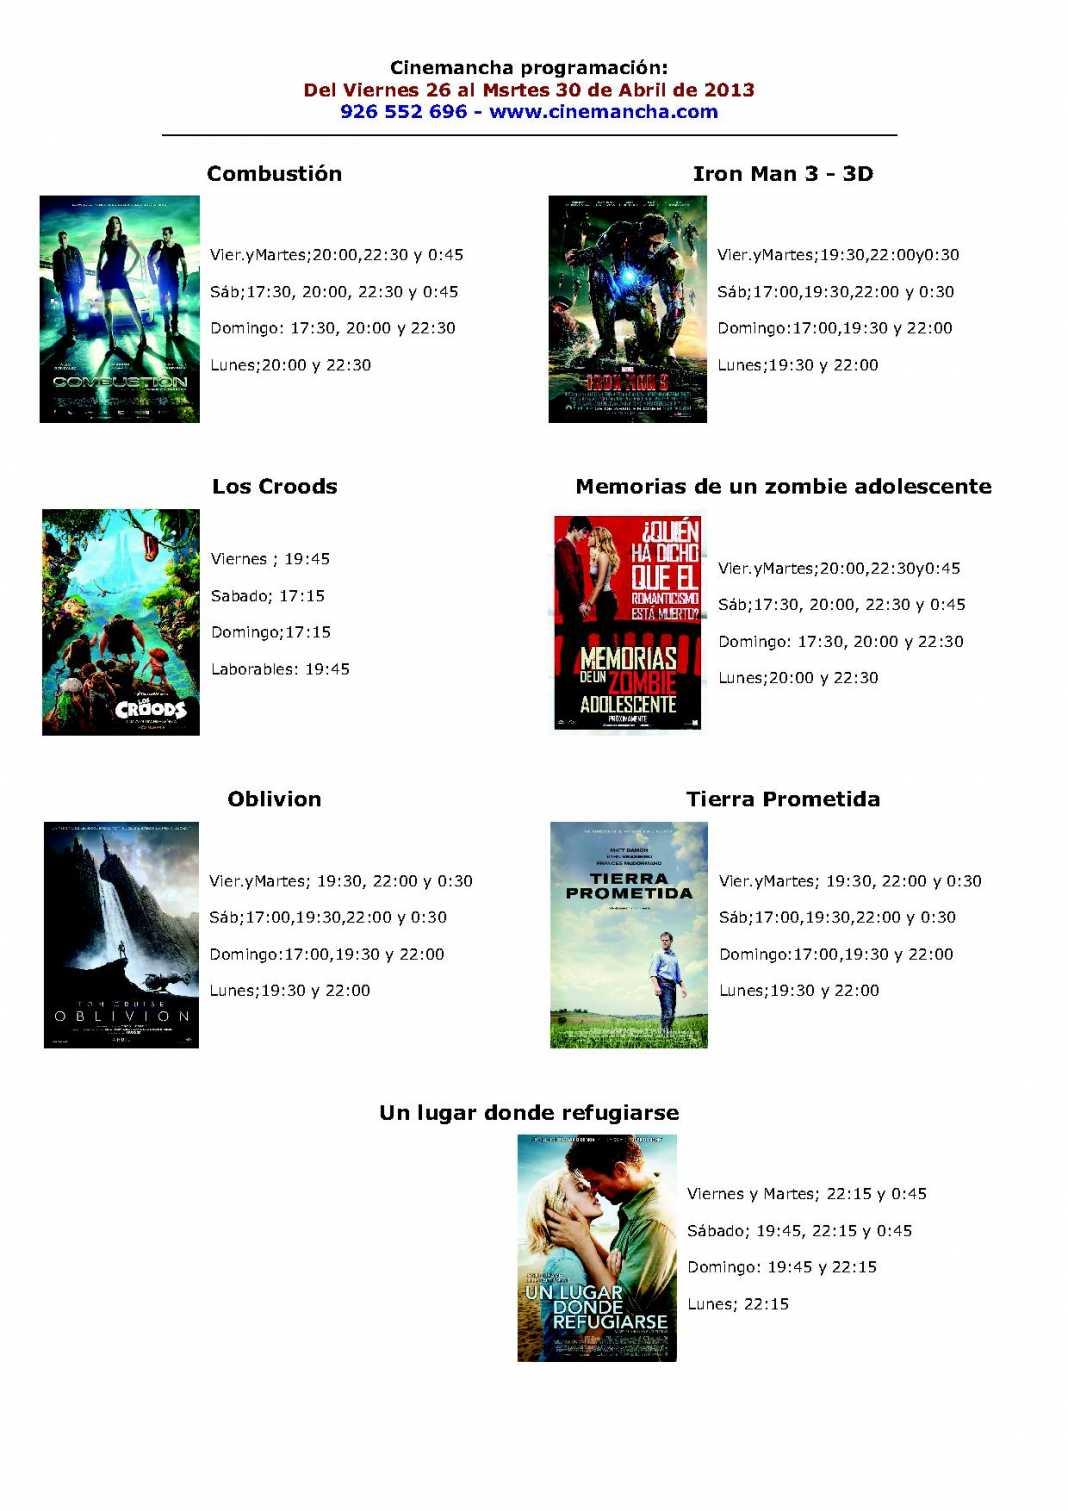 cartelera de cinemancha del viernes 26 al martes 30 de abril 1068x1511 - Programación Cinemancha del viernes 26 al martes 30 de abril.